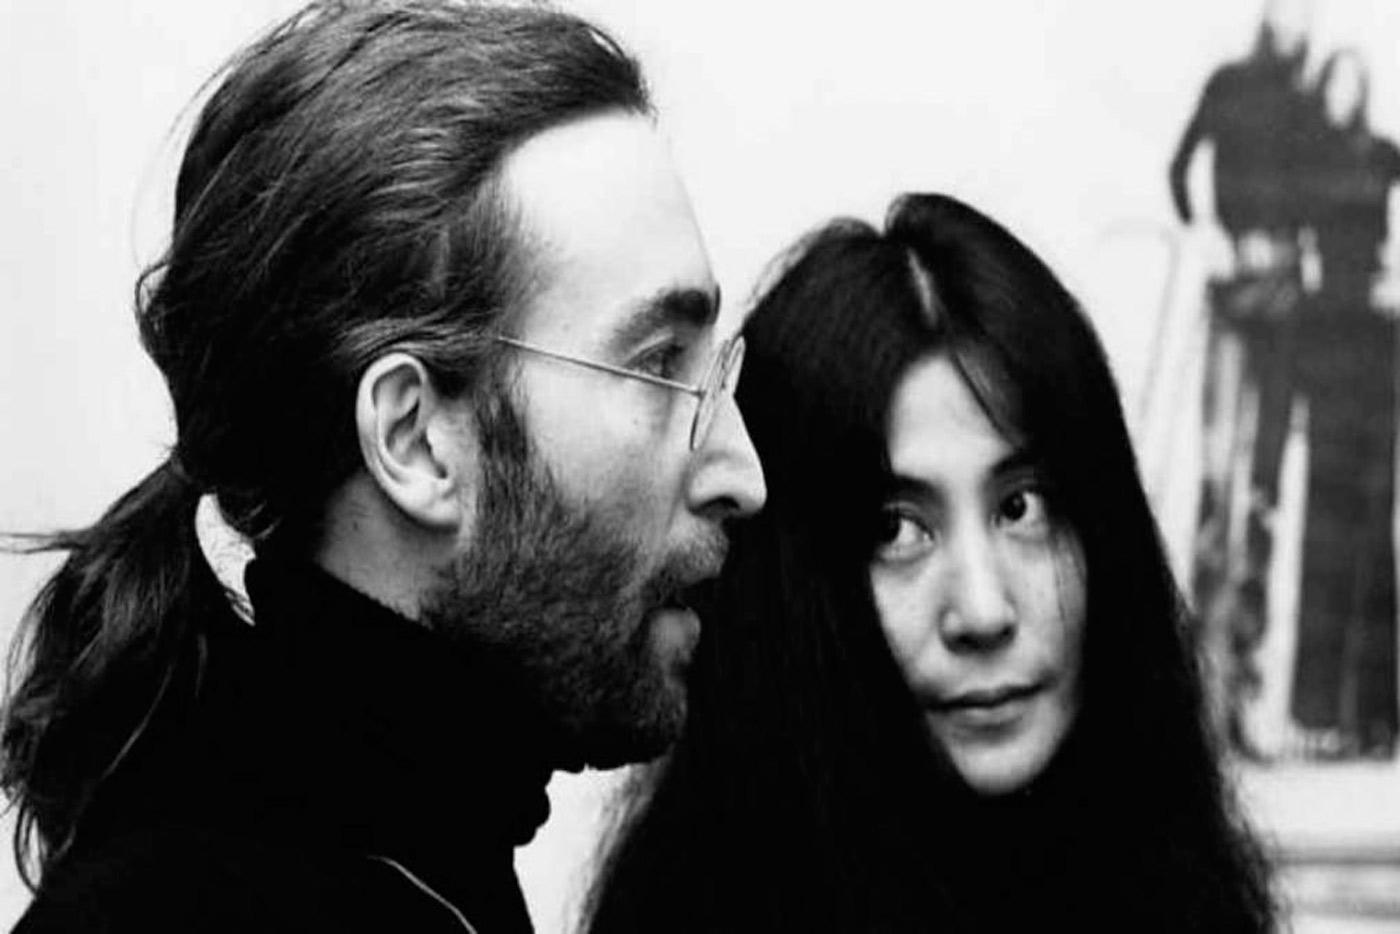 Anunciado biopic de Yoko Ono y John Lennon